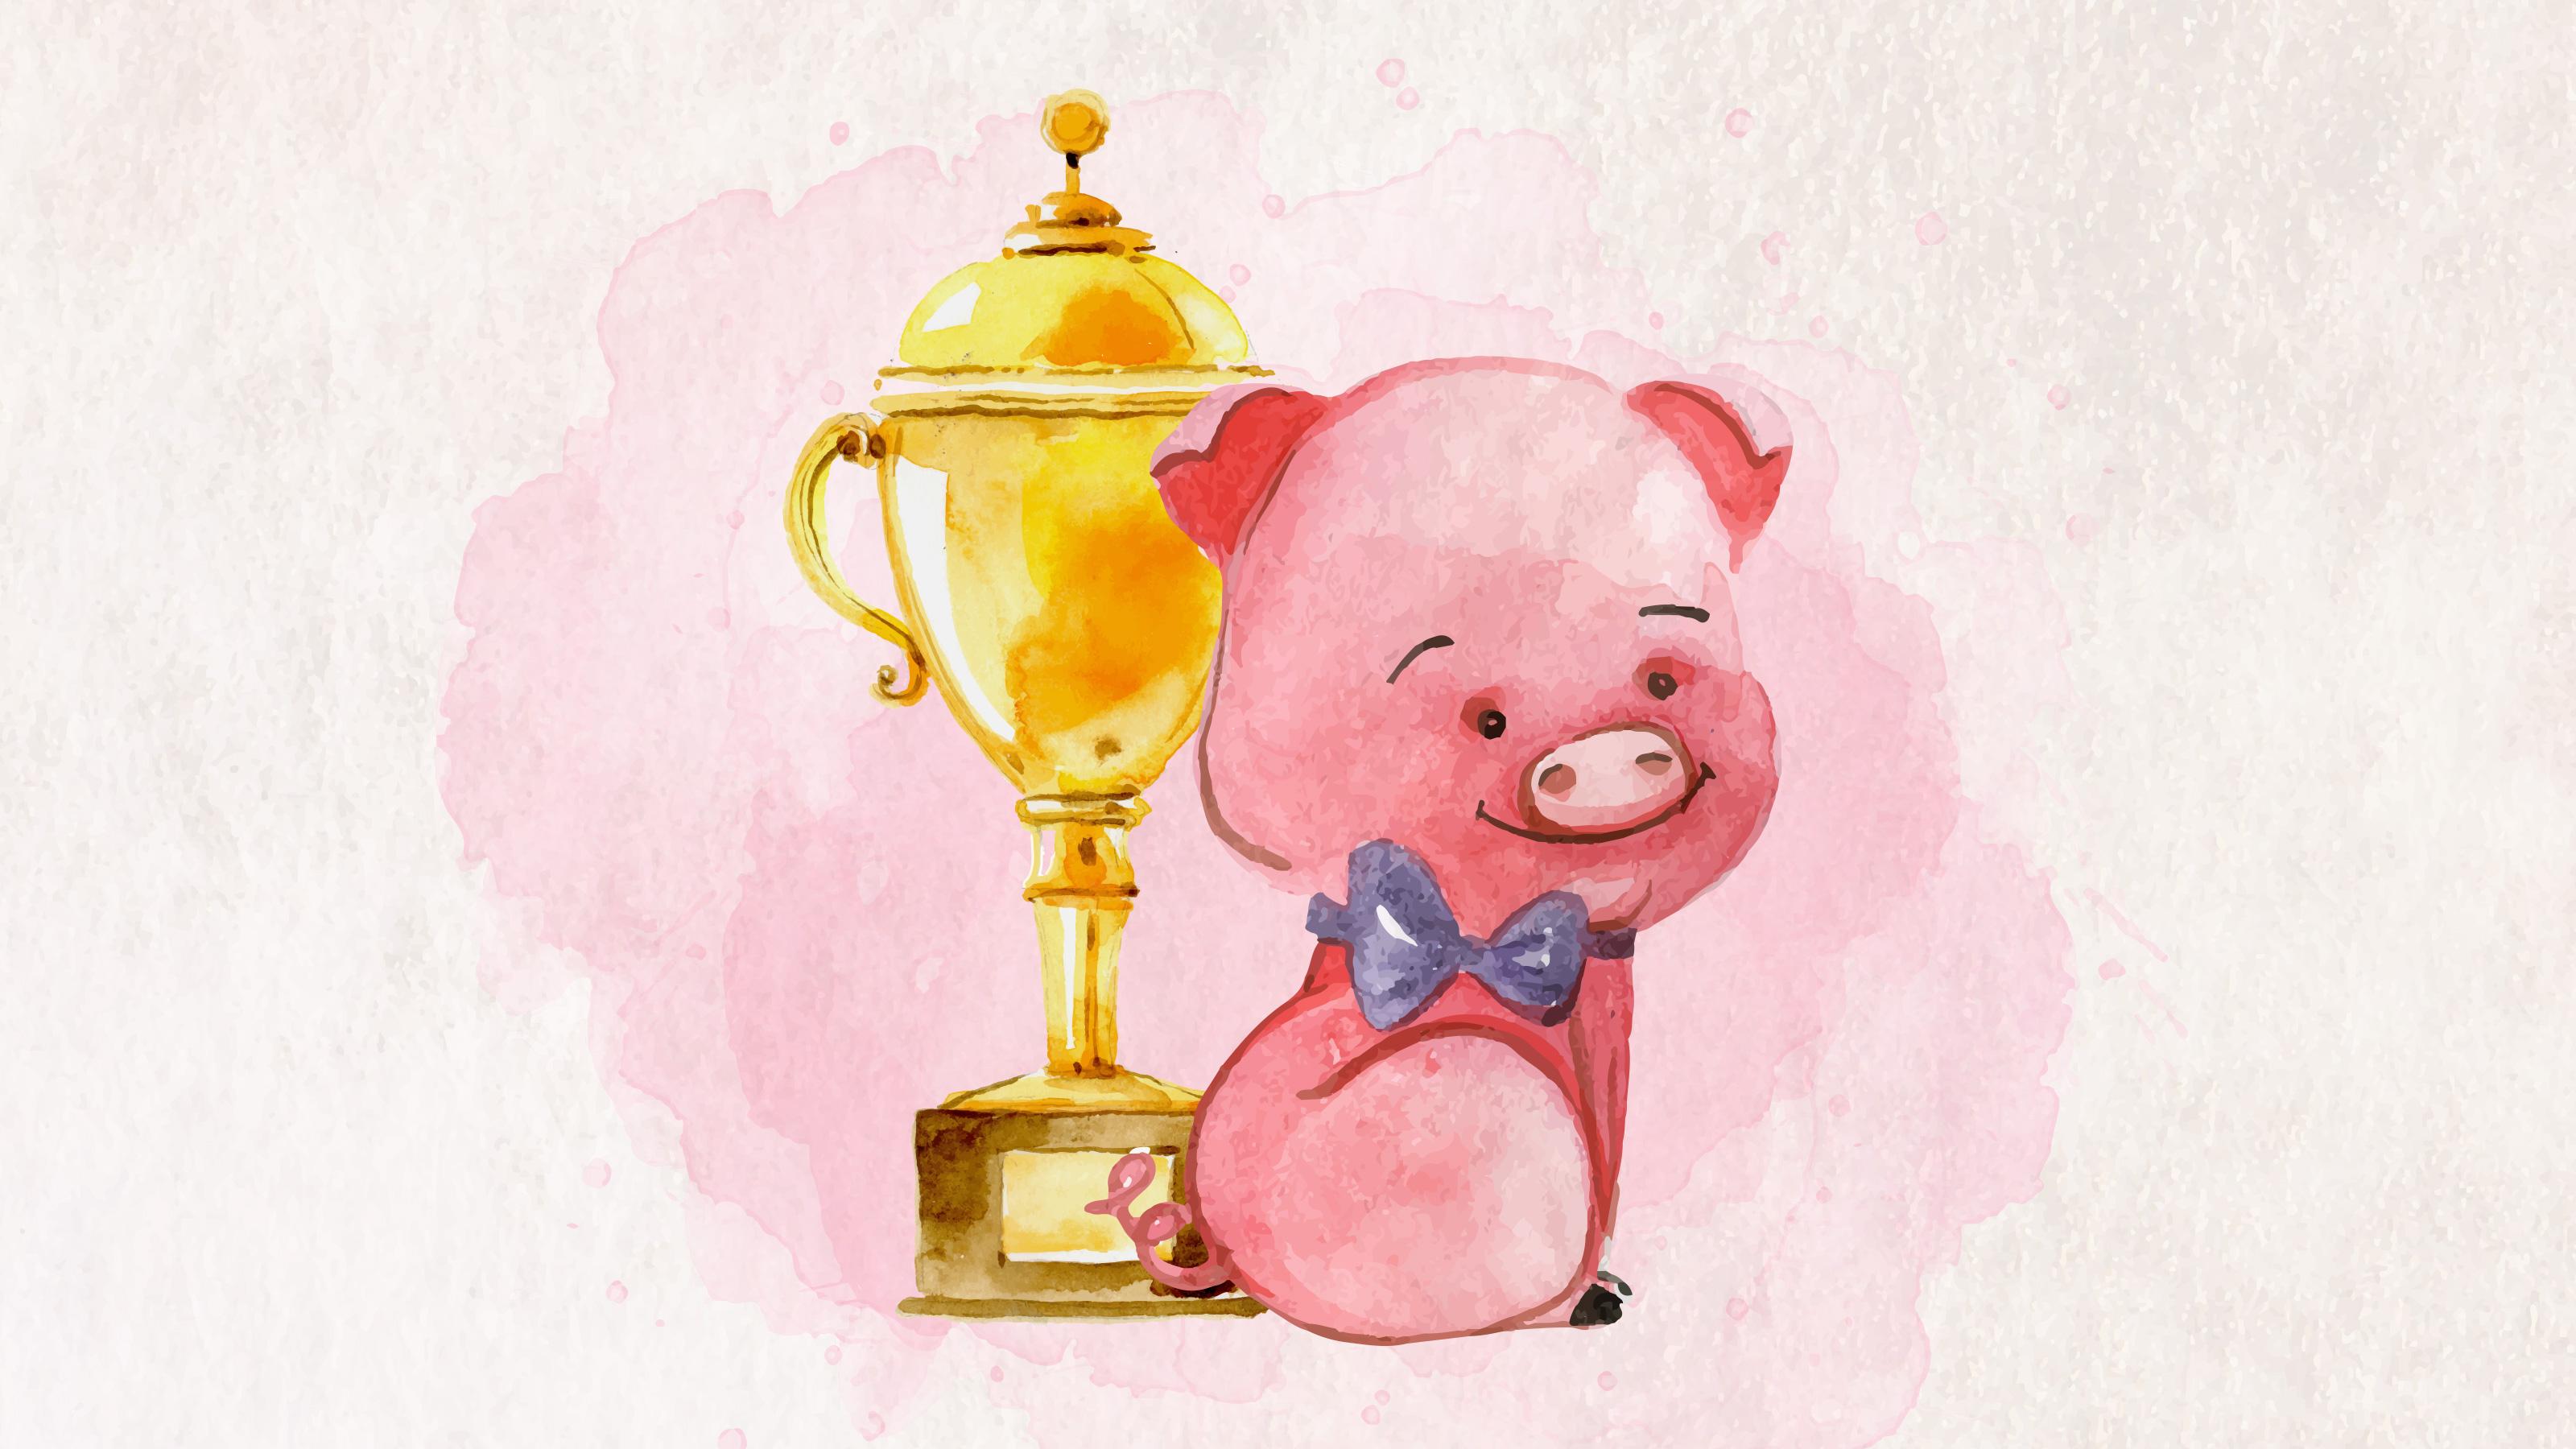 雲講堂-【英語繪本說故事】得獎的小豬